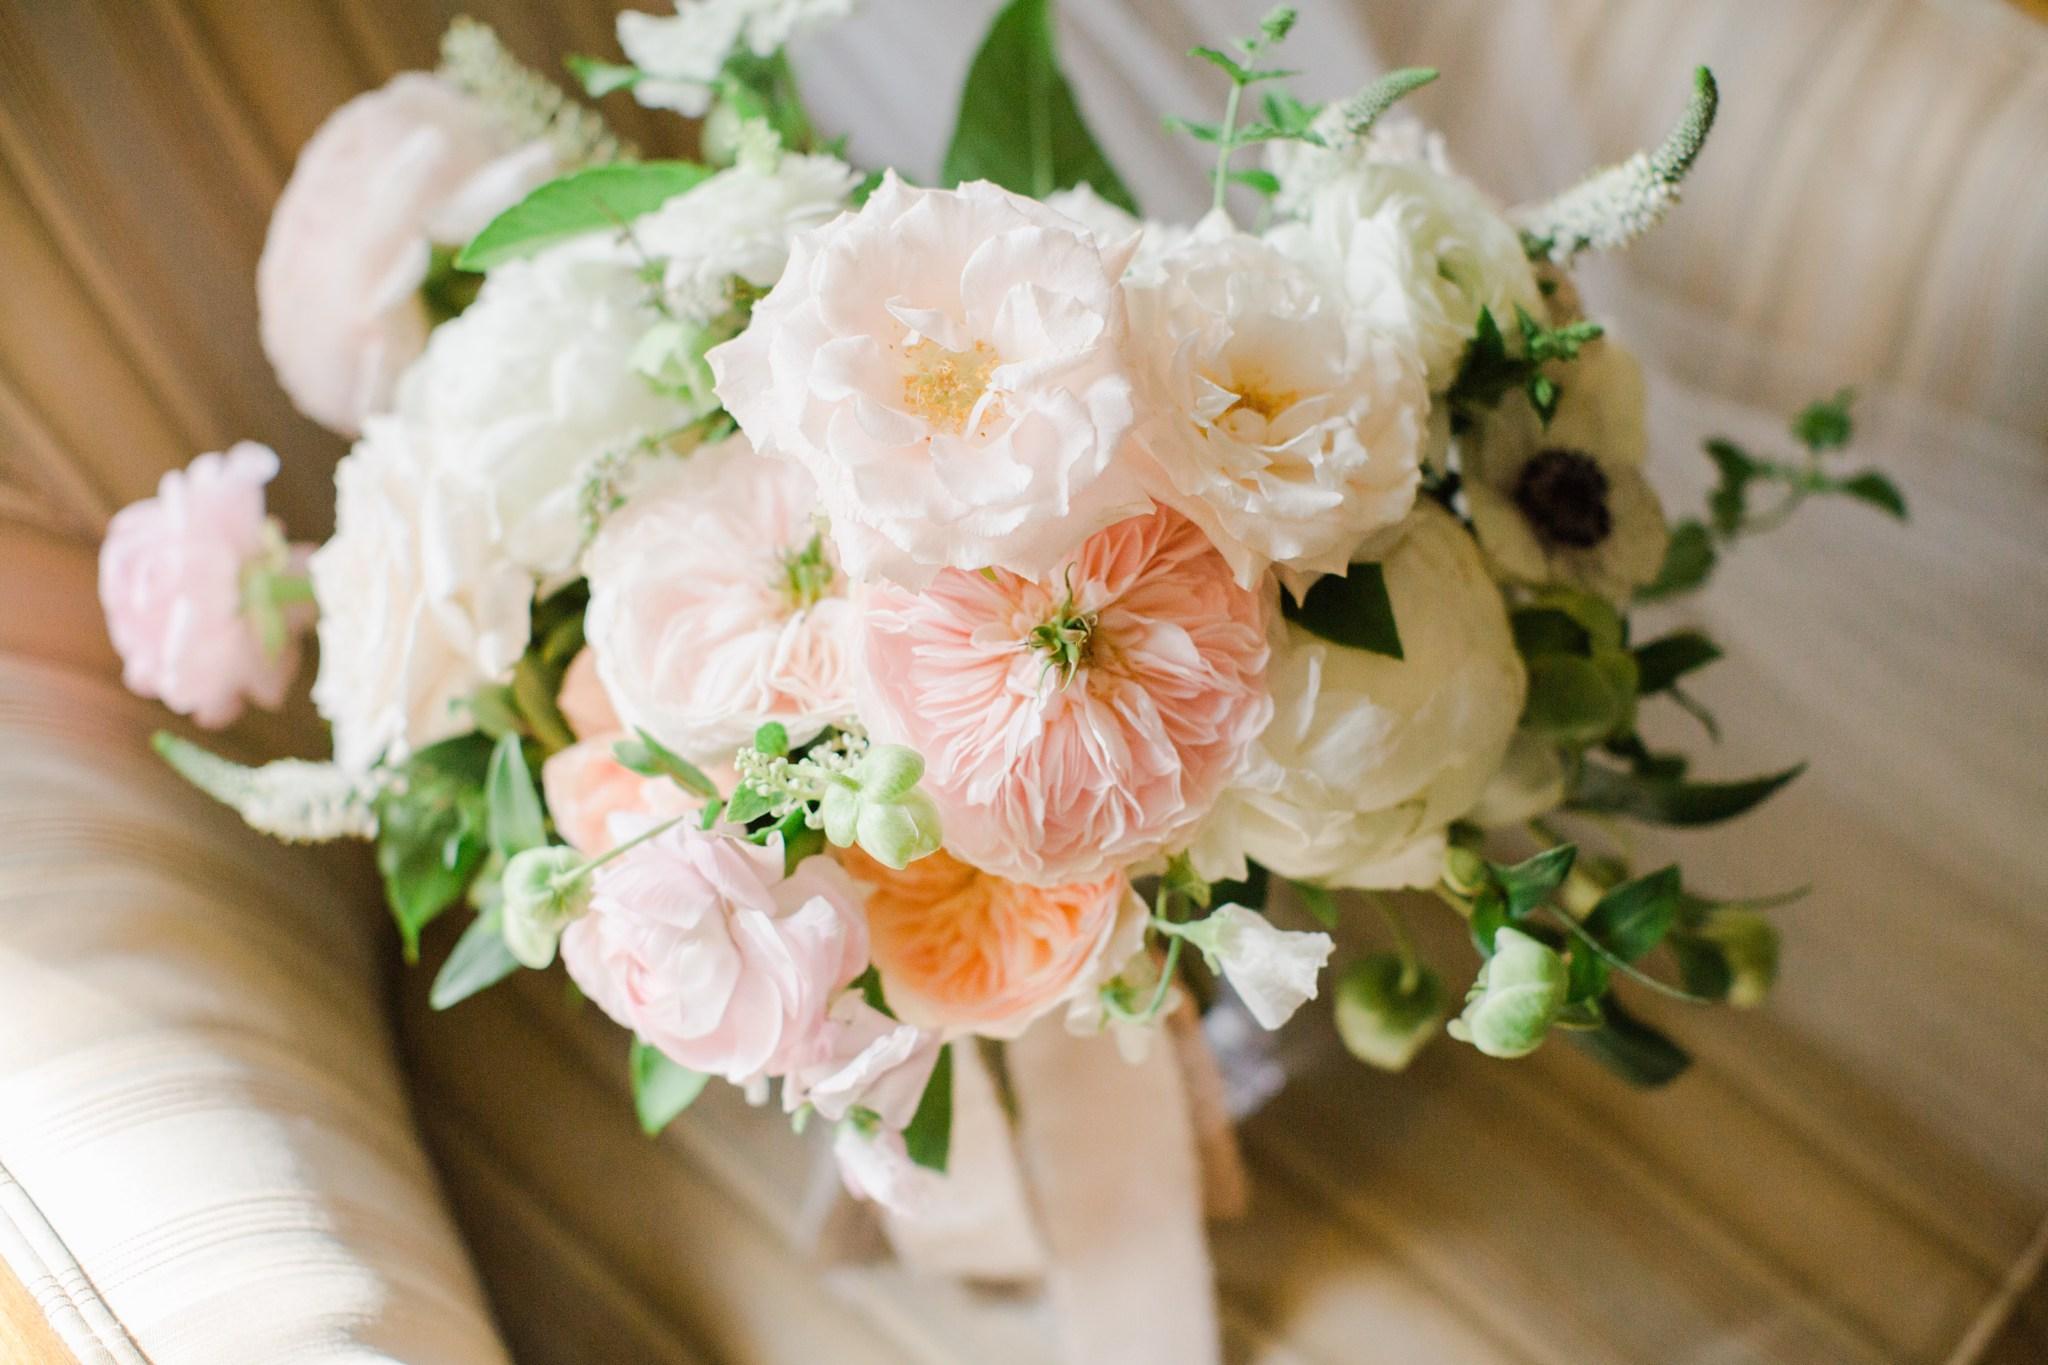 moraine_farm_wedding_deborah_zoe_0002.JPG